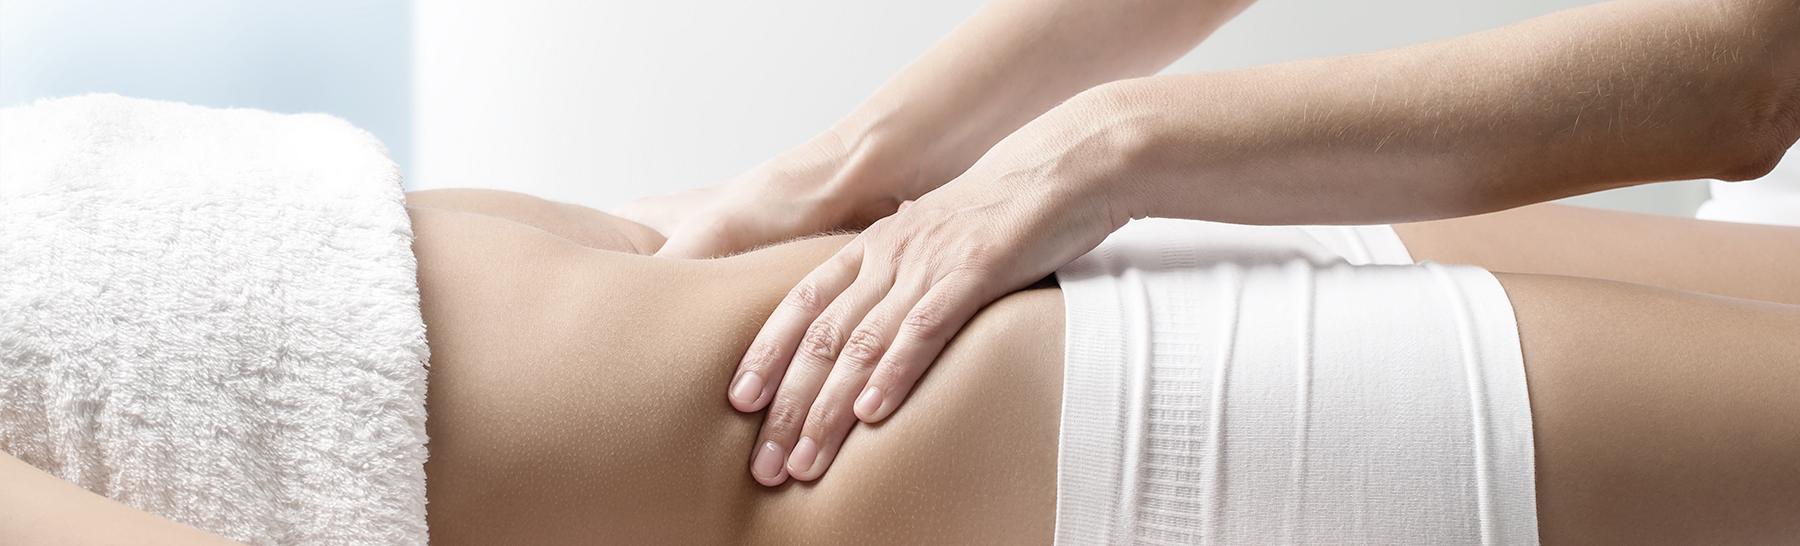 pilarsanz-fisioterapia-suelopelvico-slidesare